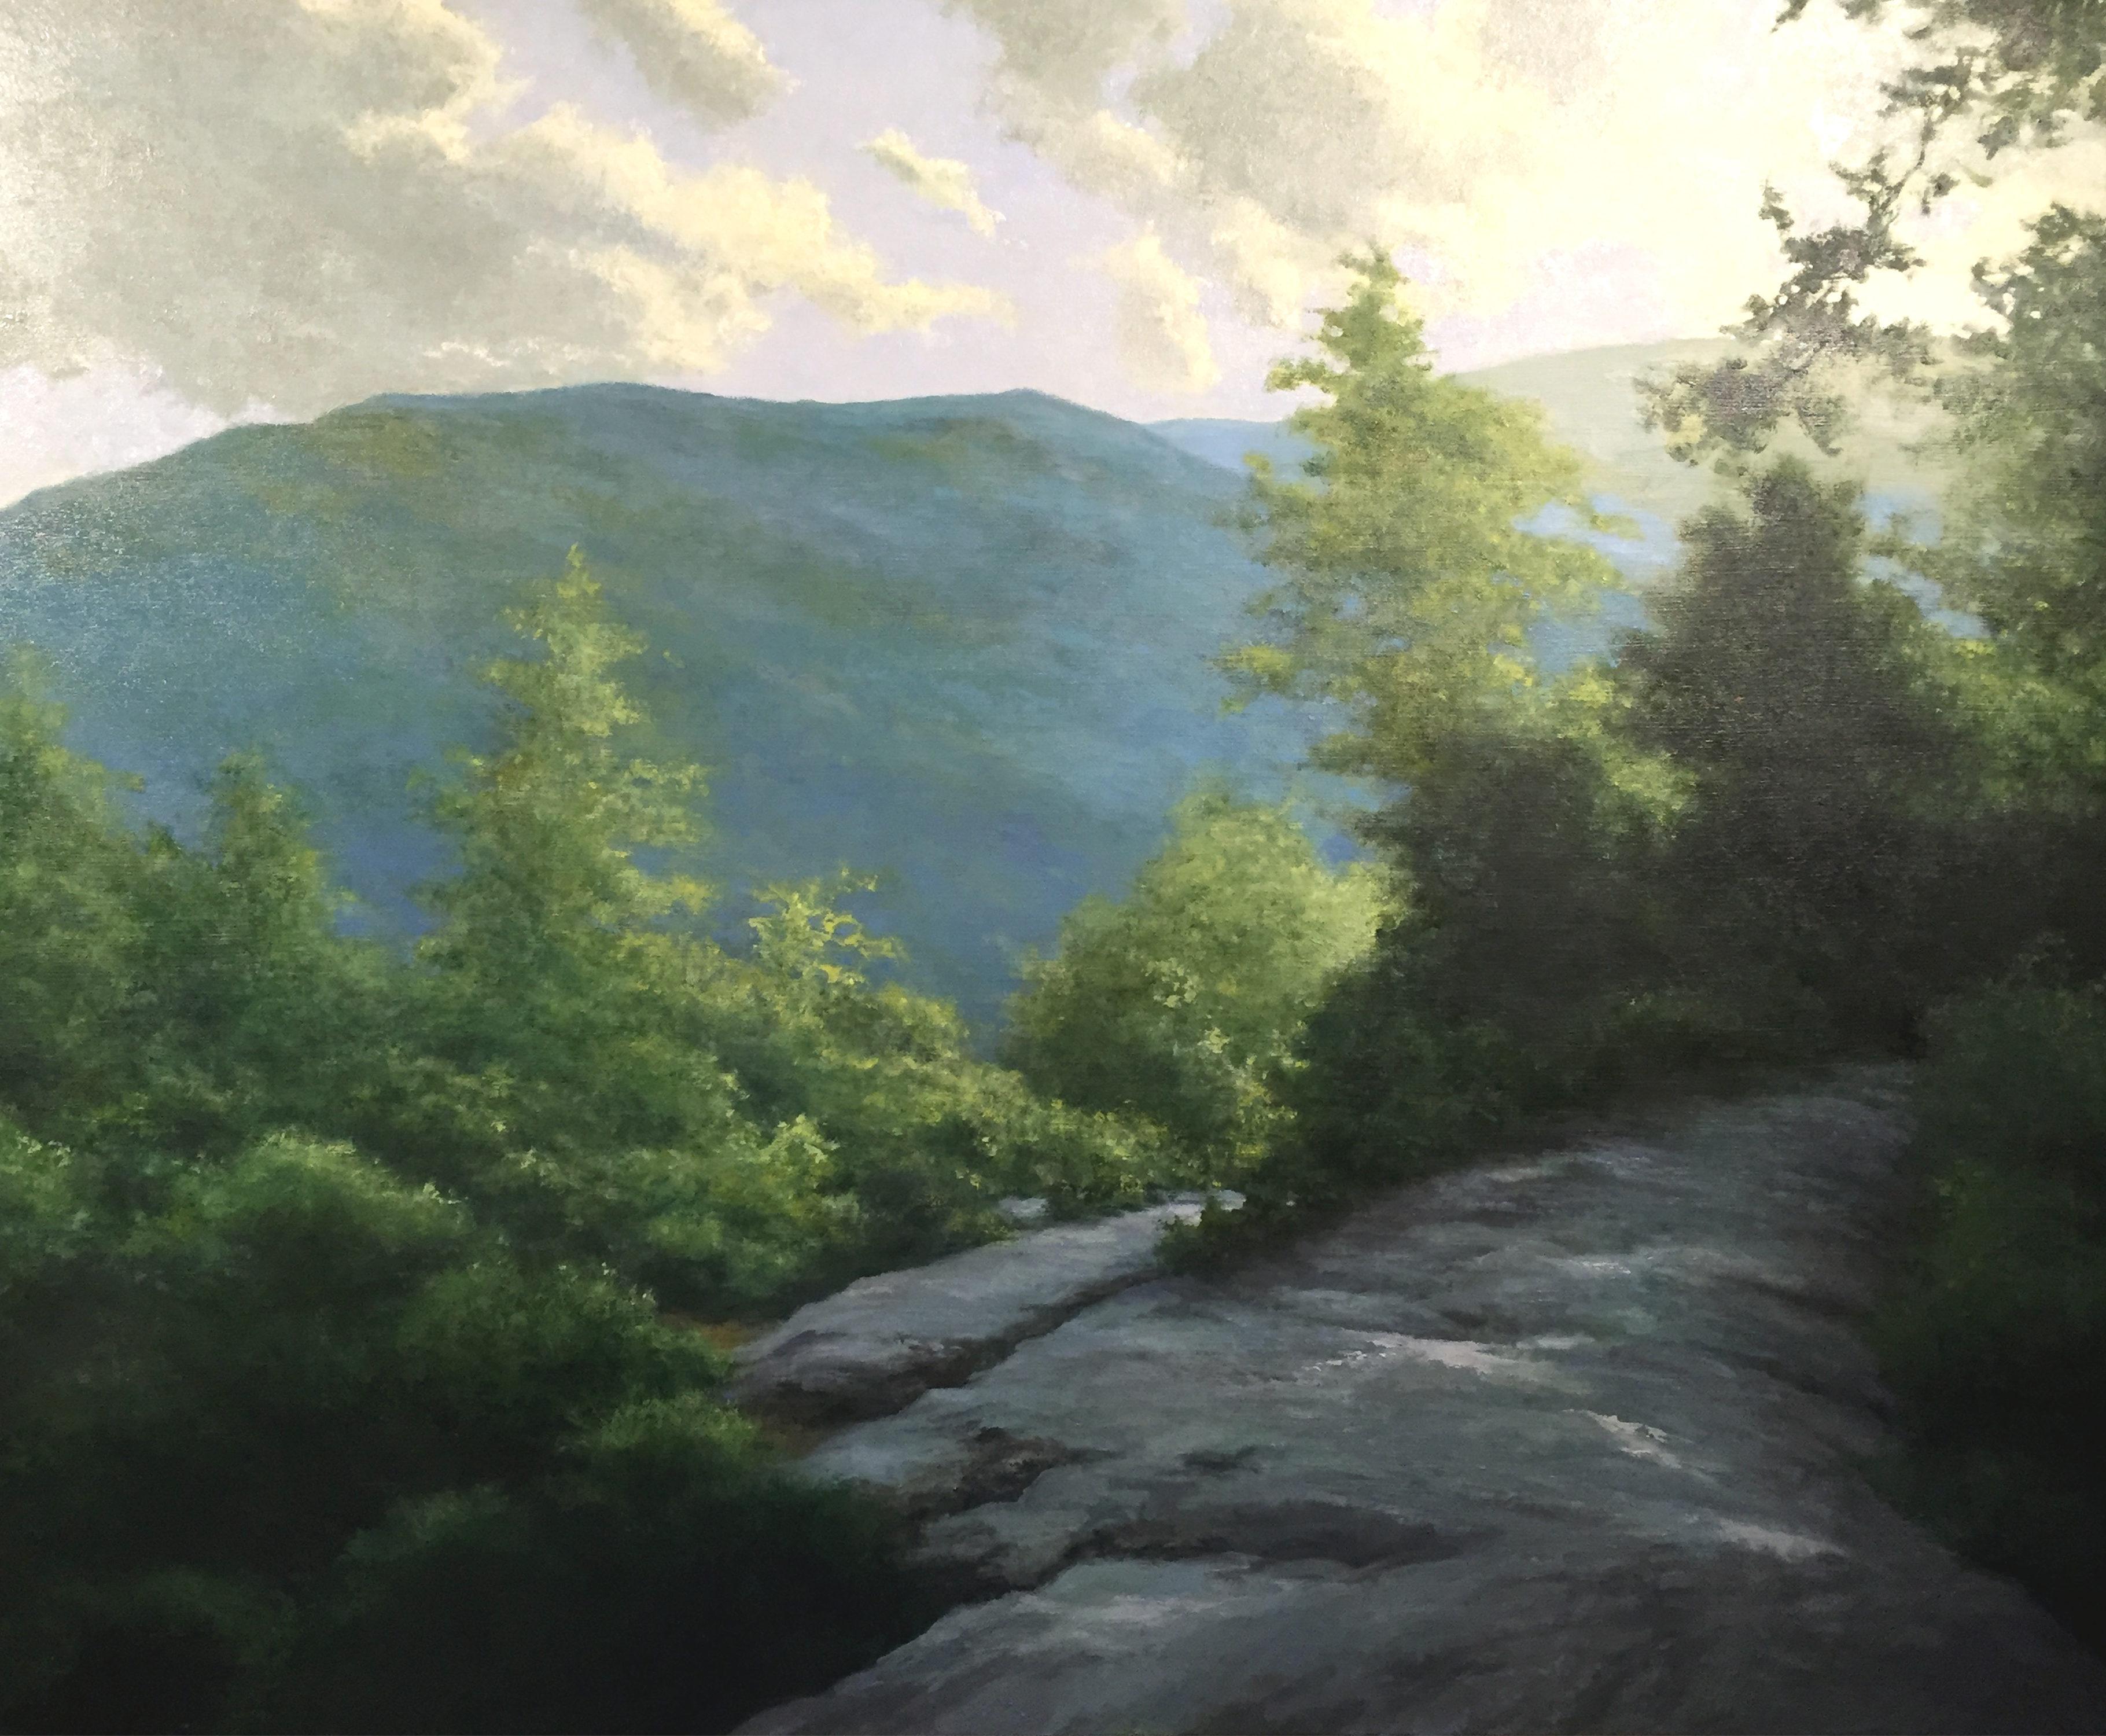 Elk Mountain Road by Shawn Krueger